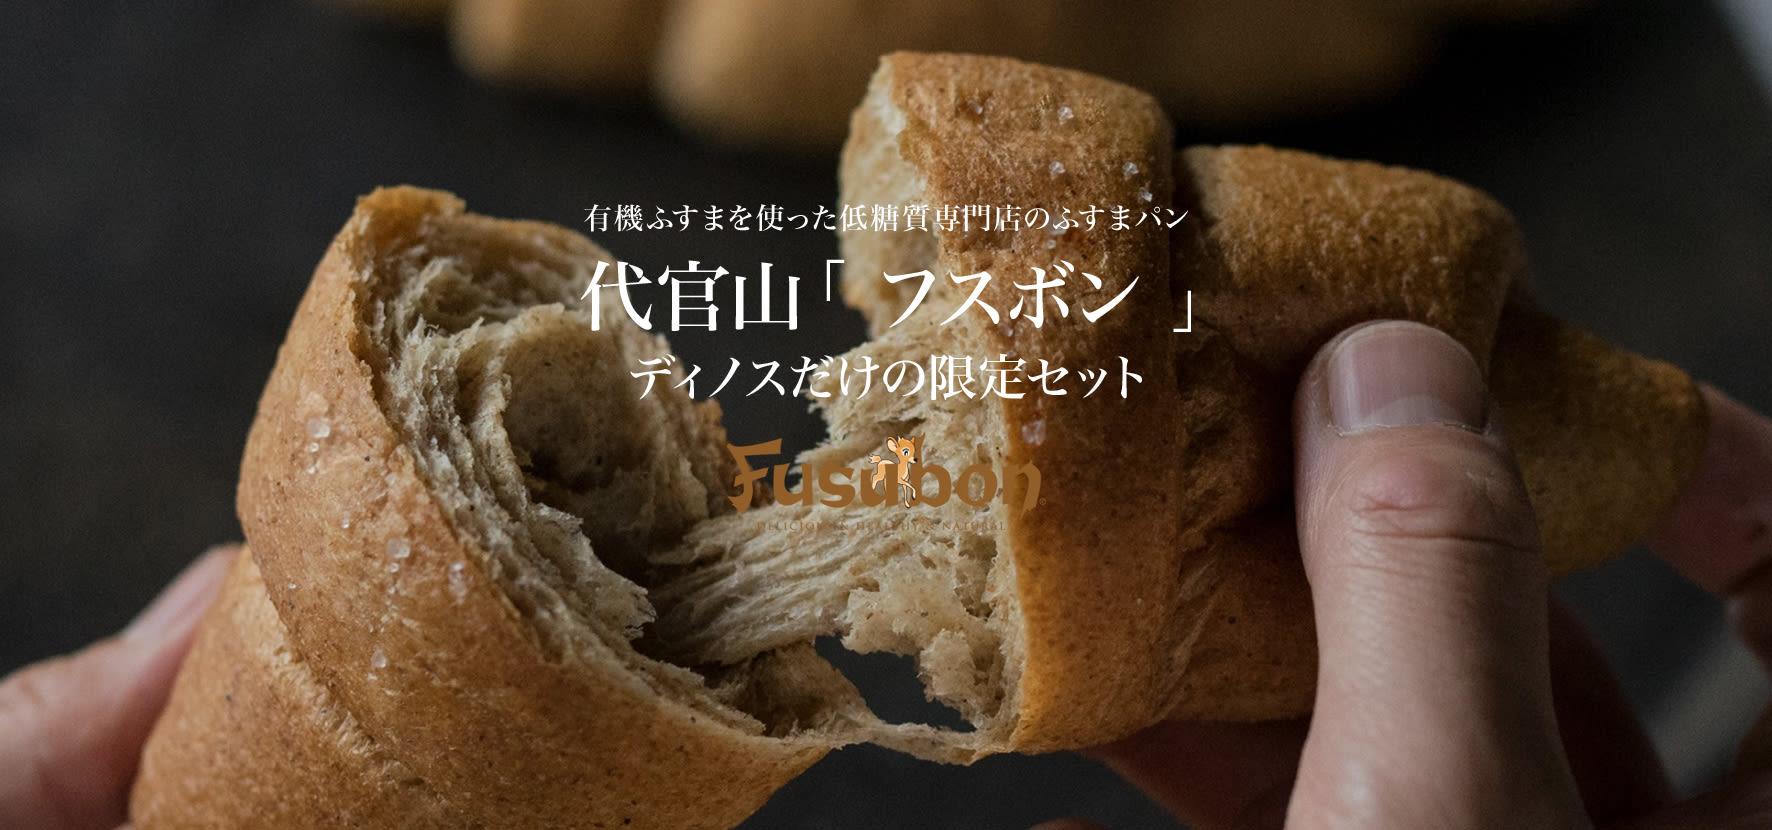 低糖質パン「フスボン」